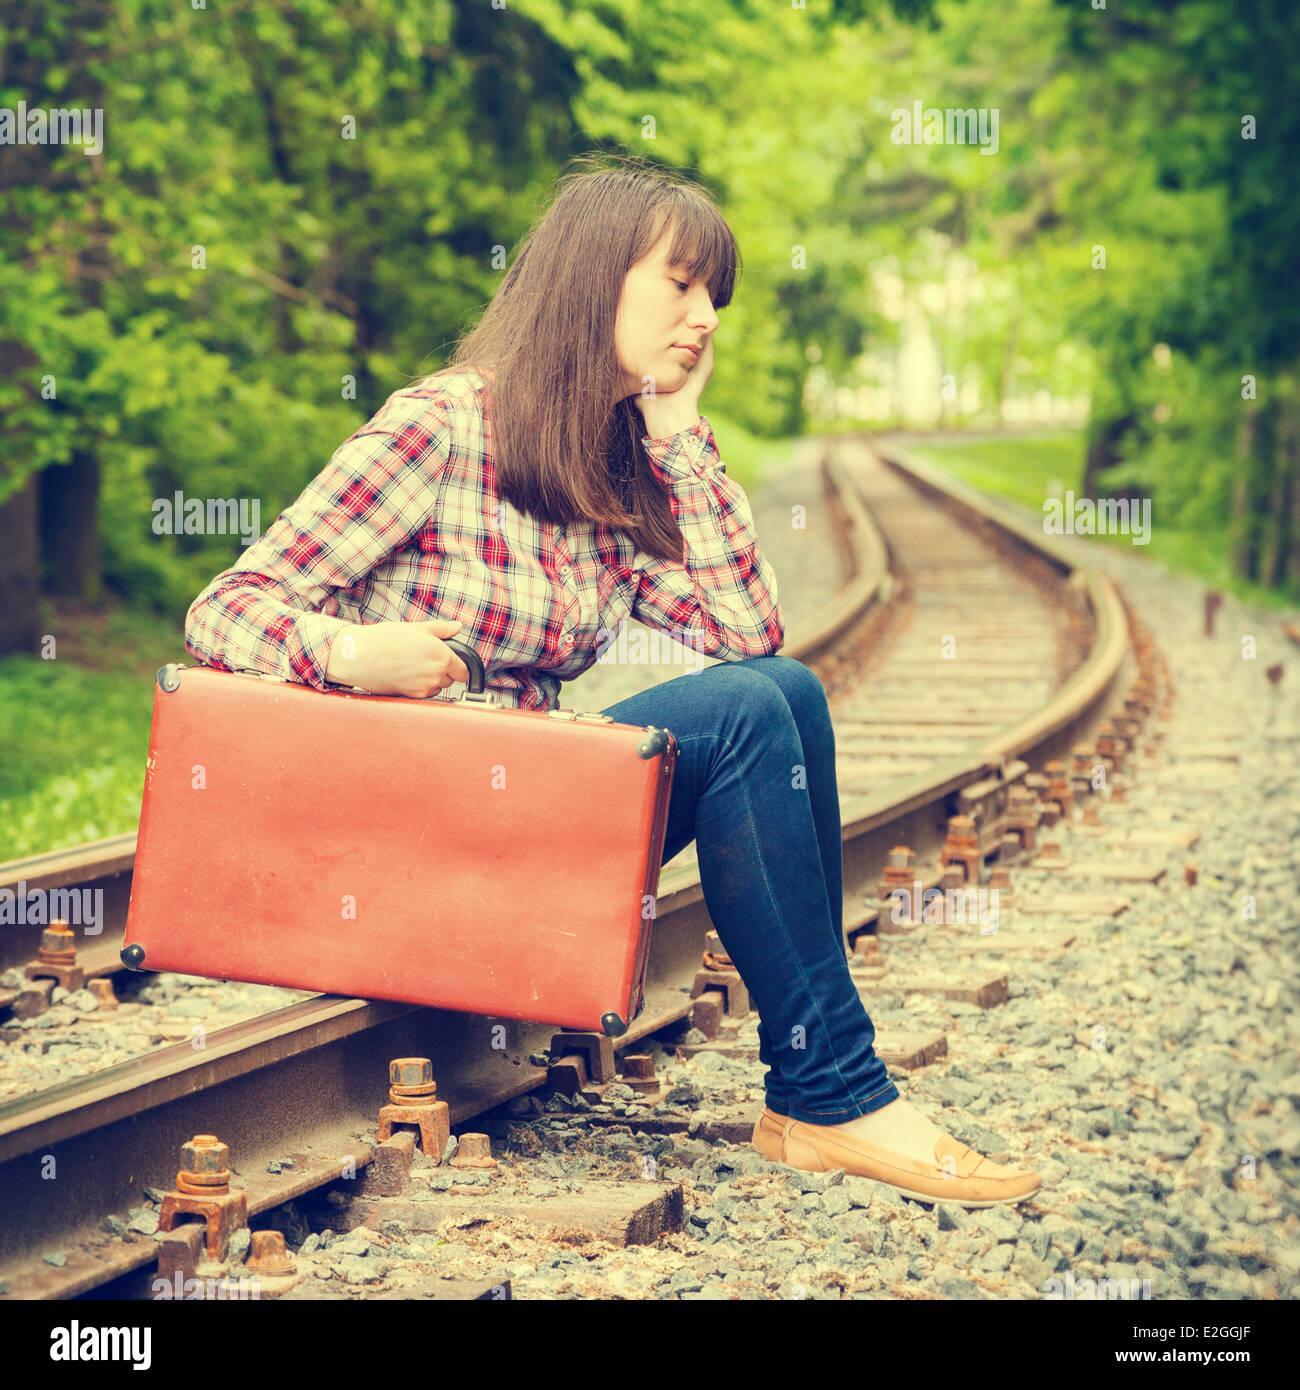 junger Teenager trauriges Mädchen mit Koffer sitzen auf den Schienen Stockbild